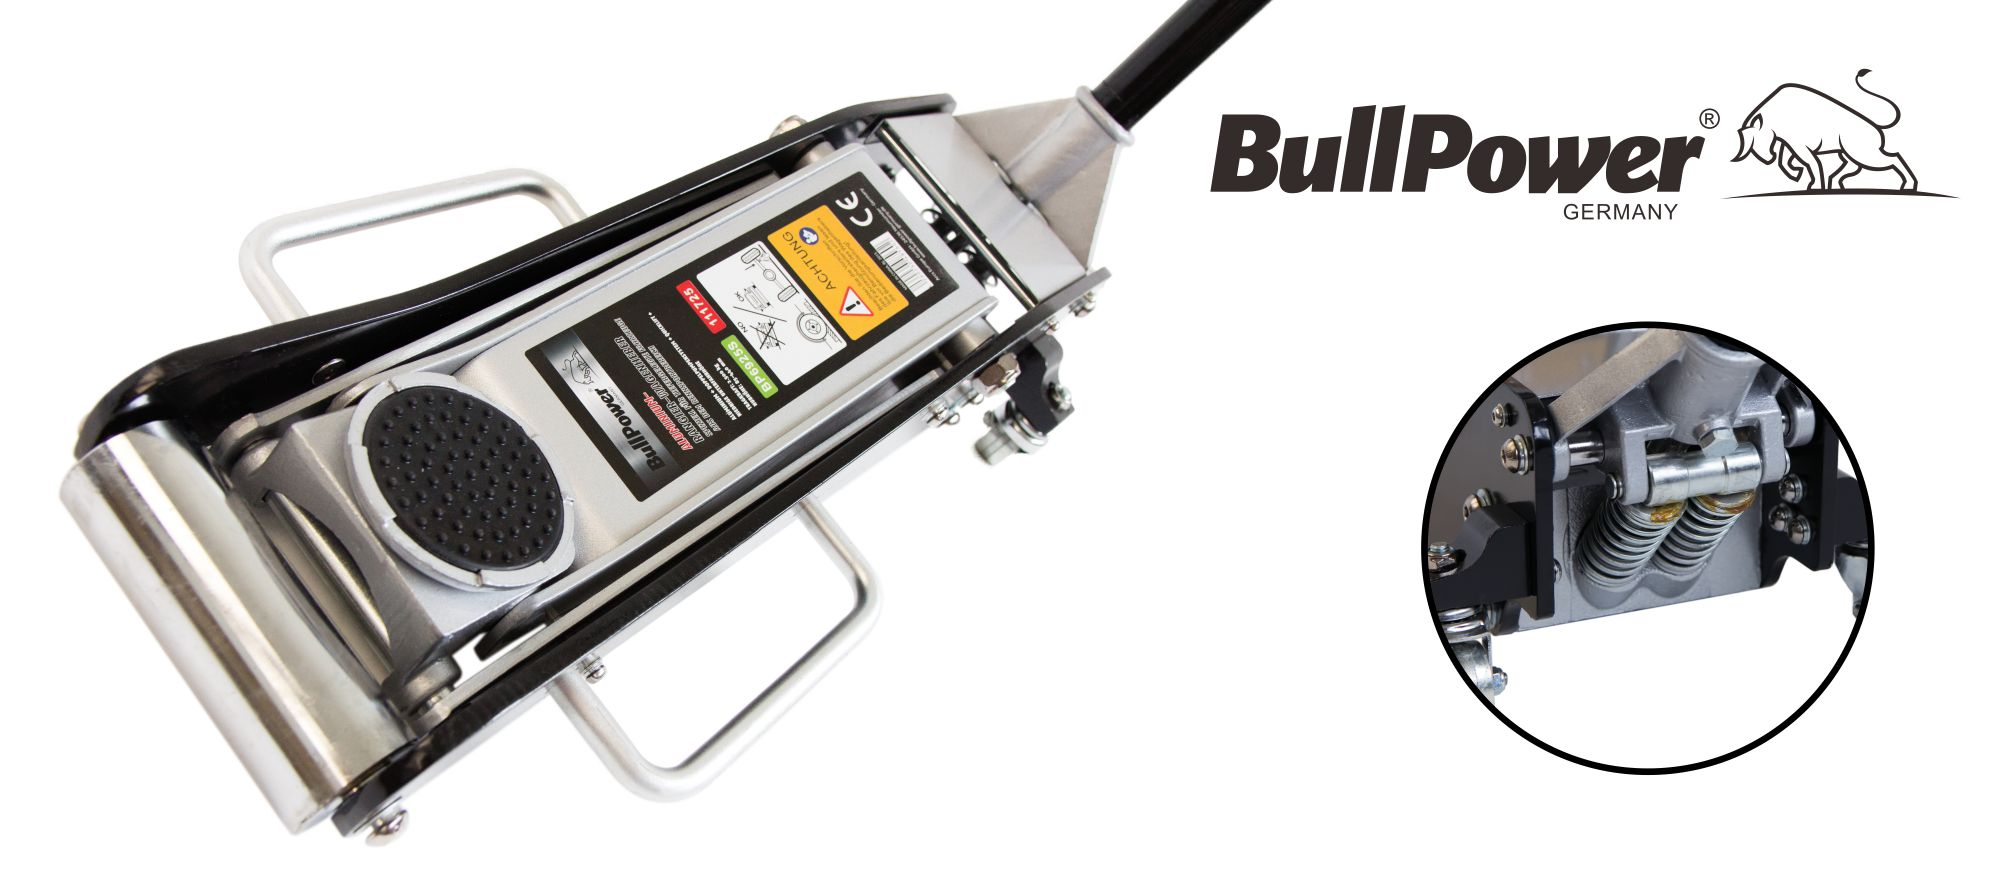 BP6925S BullPower Aluminium Wagenheber 2,5 Ton 85mm - 440mm, mit Quicklift, für Racing-Sportwagen, Rennsport